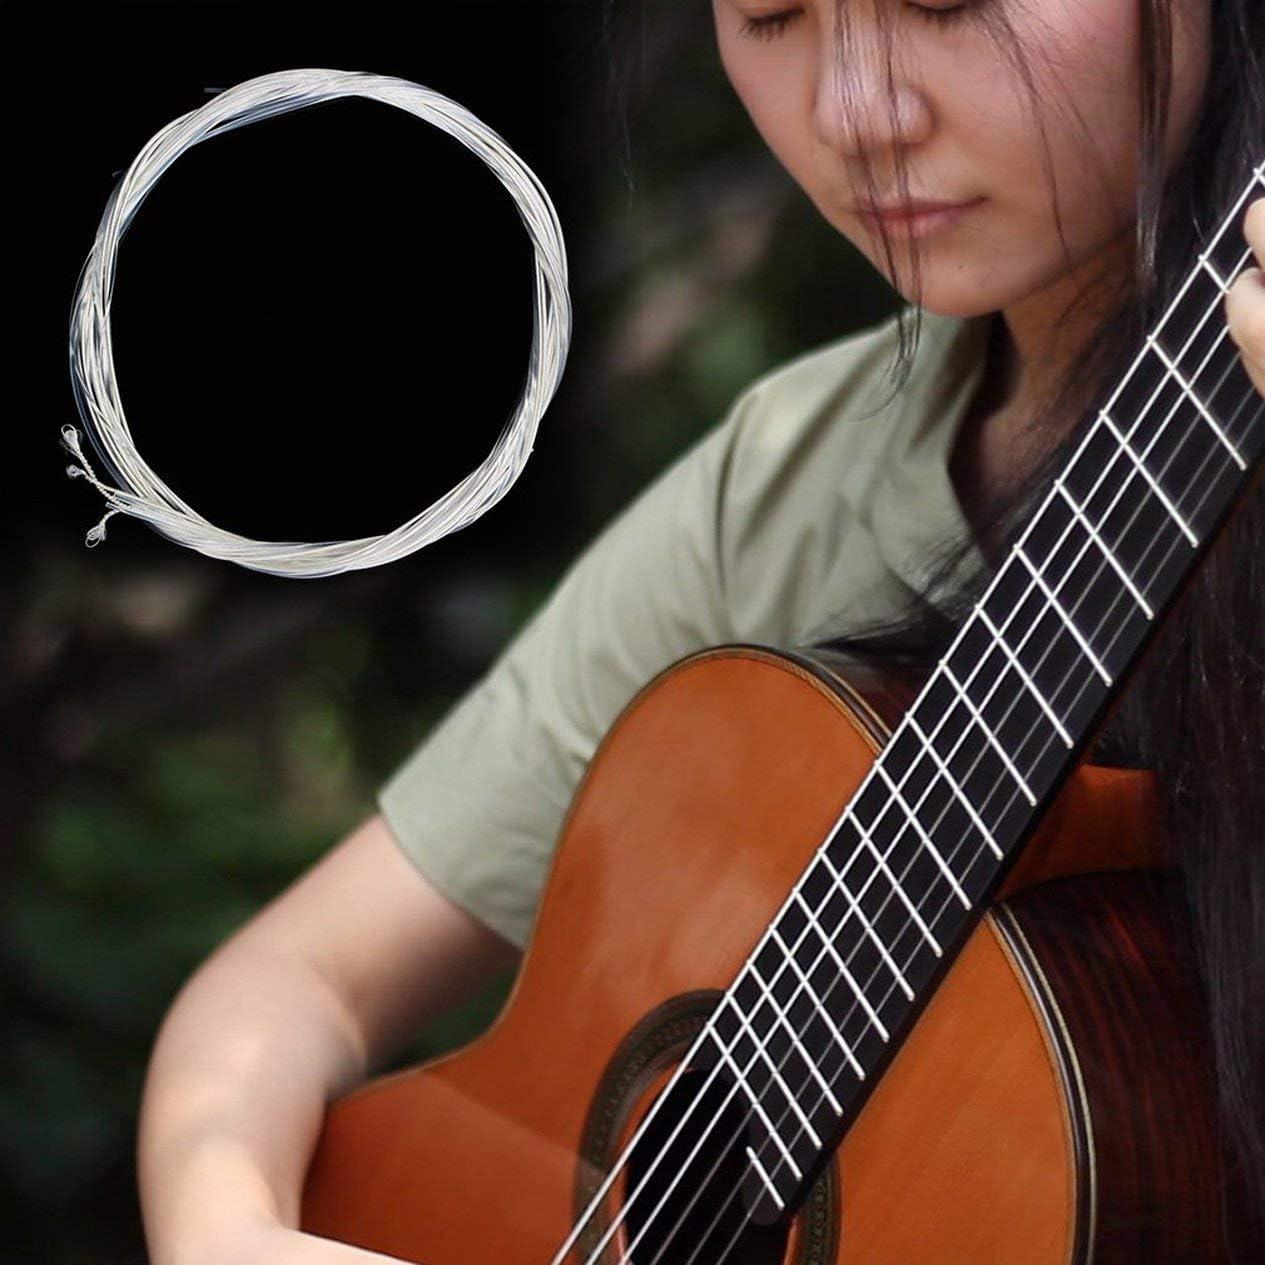 Accessoires et Parties Basses Guitarra Nylon Argent Clair et Argent pour Guitare Classique Classique 1M 1-6 EBGDAE Ironheel Jeu de Cordes pour Cordes Guitare